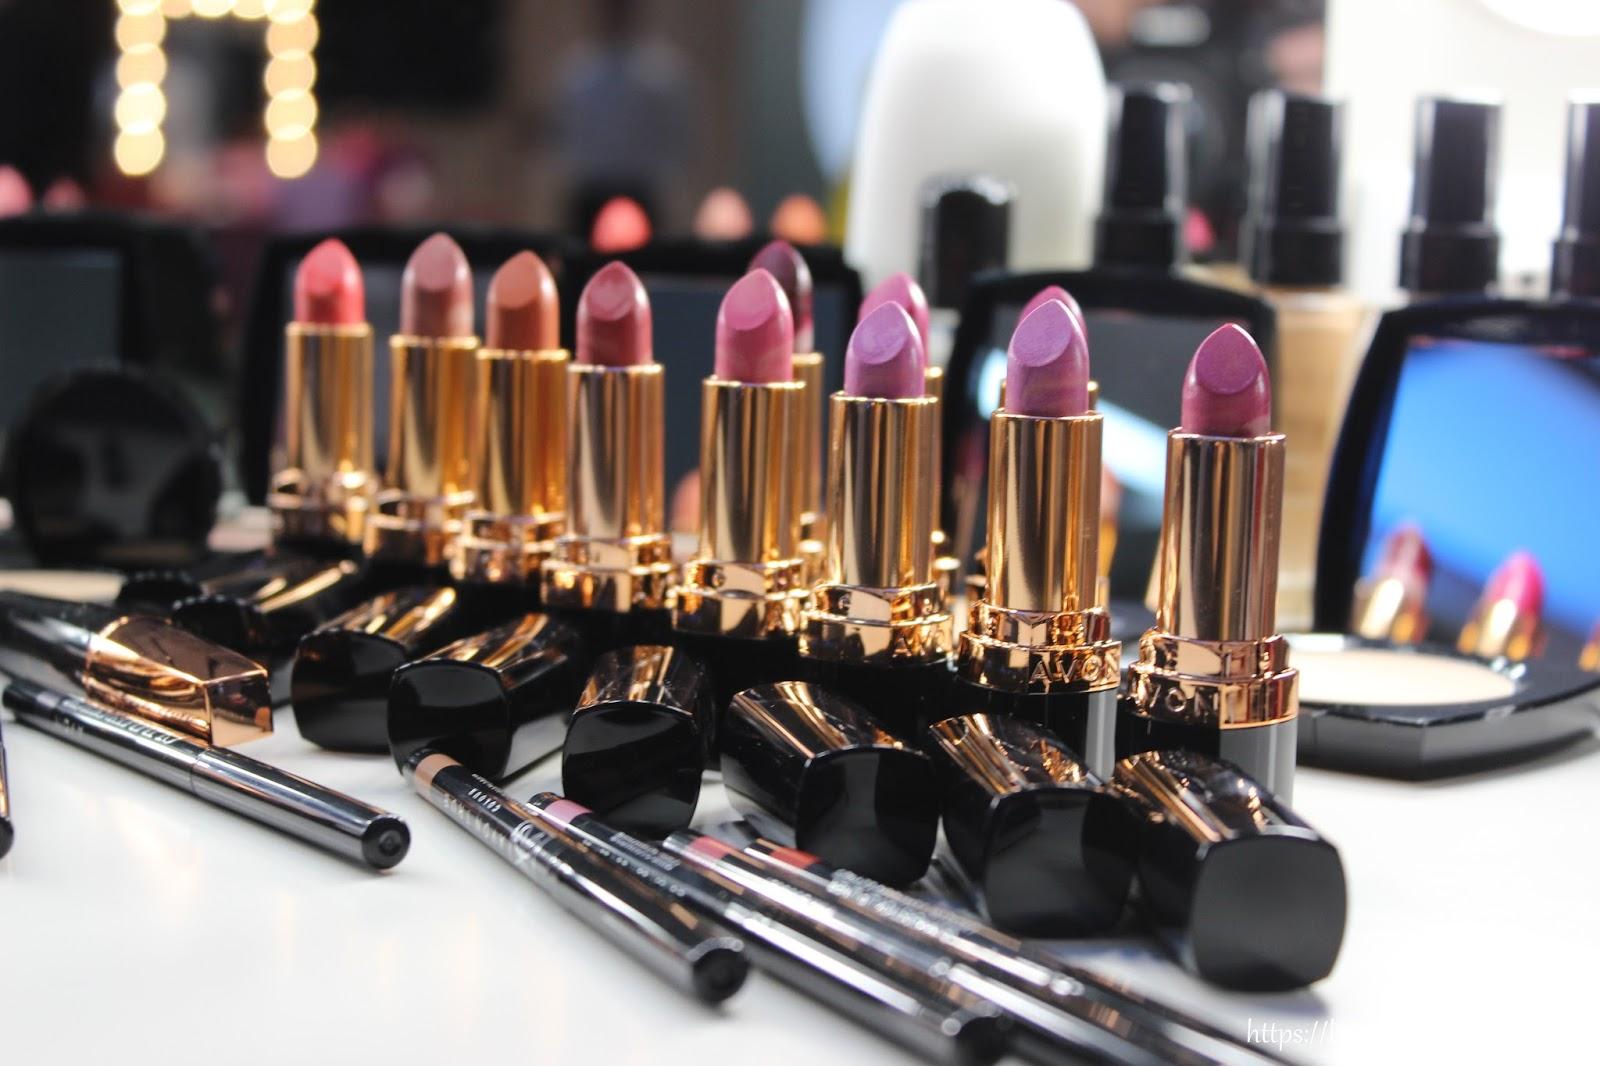 Презентацию косметики эйвон купить итальянская профессиональная косметика для лица